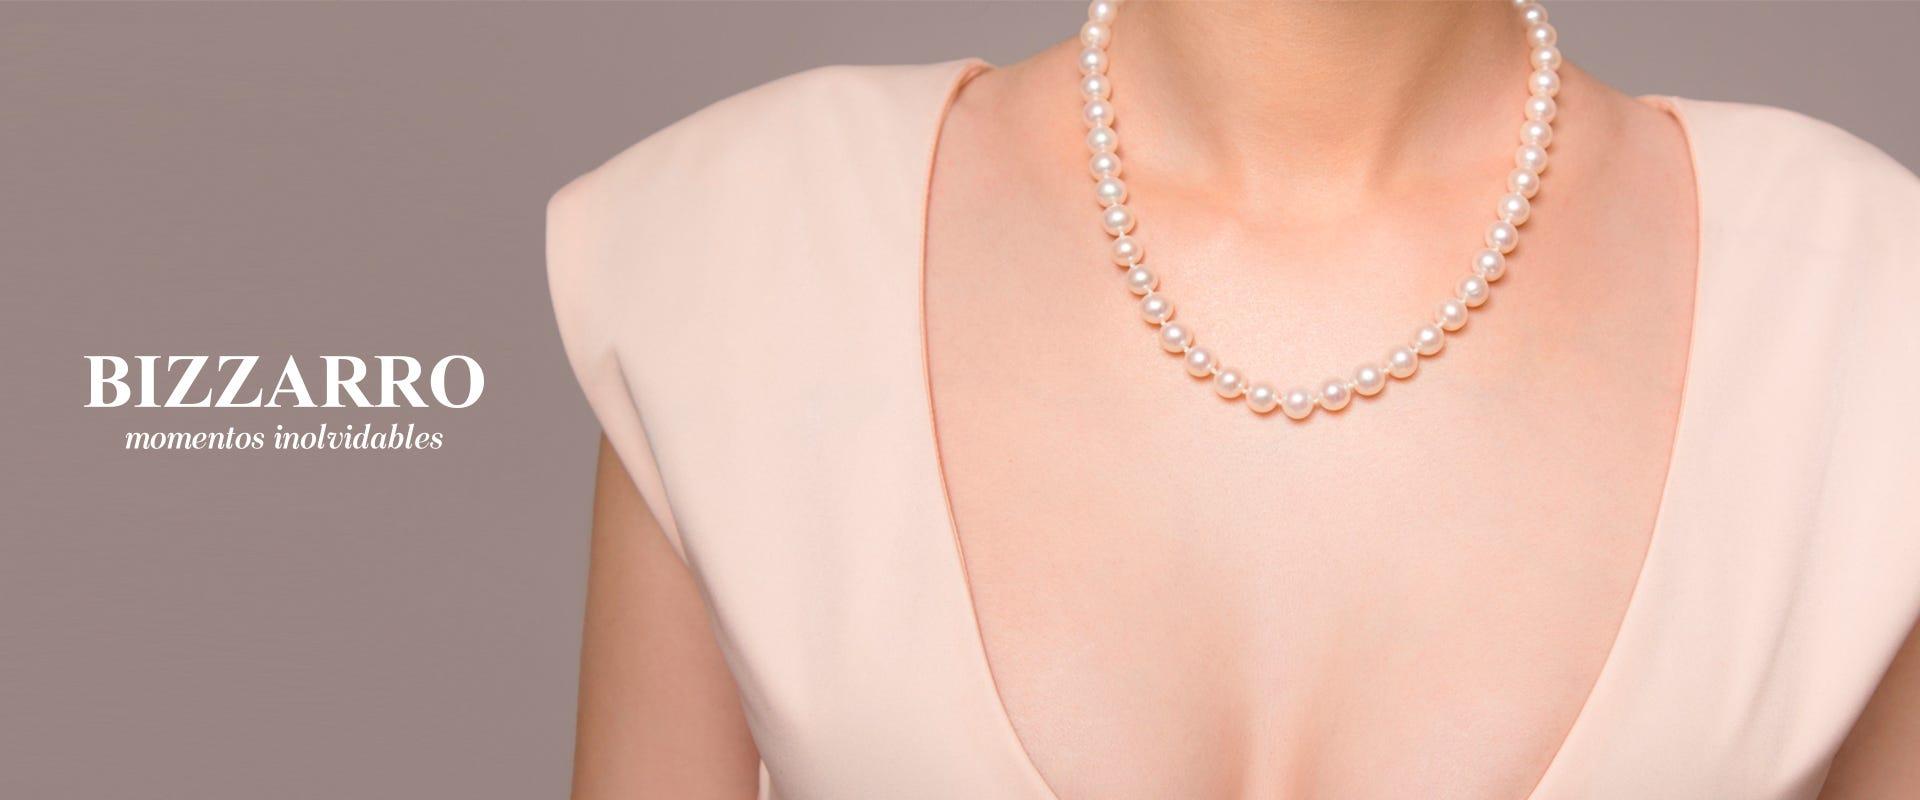 7 escotes para combinar con tus collares